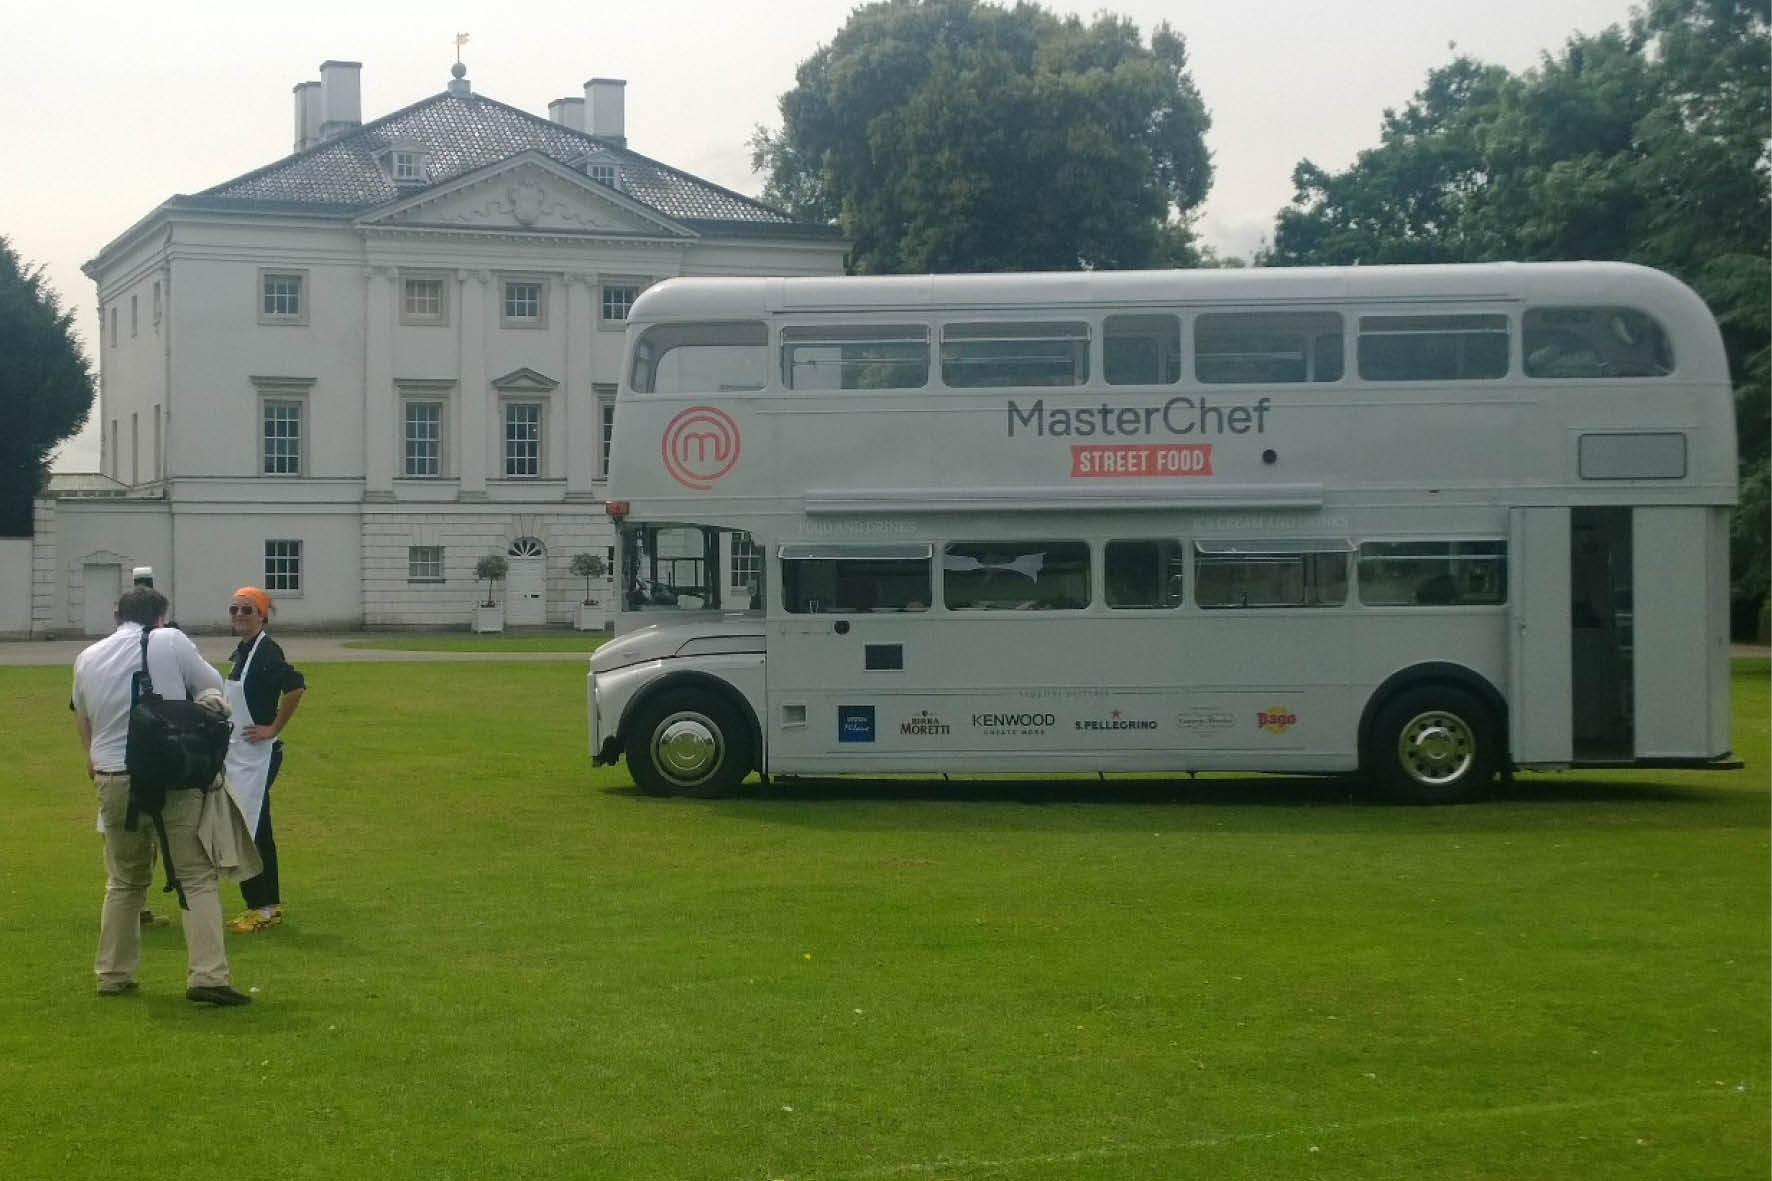 bus_business_masterchef_2018_8.jpg